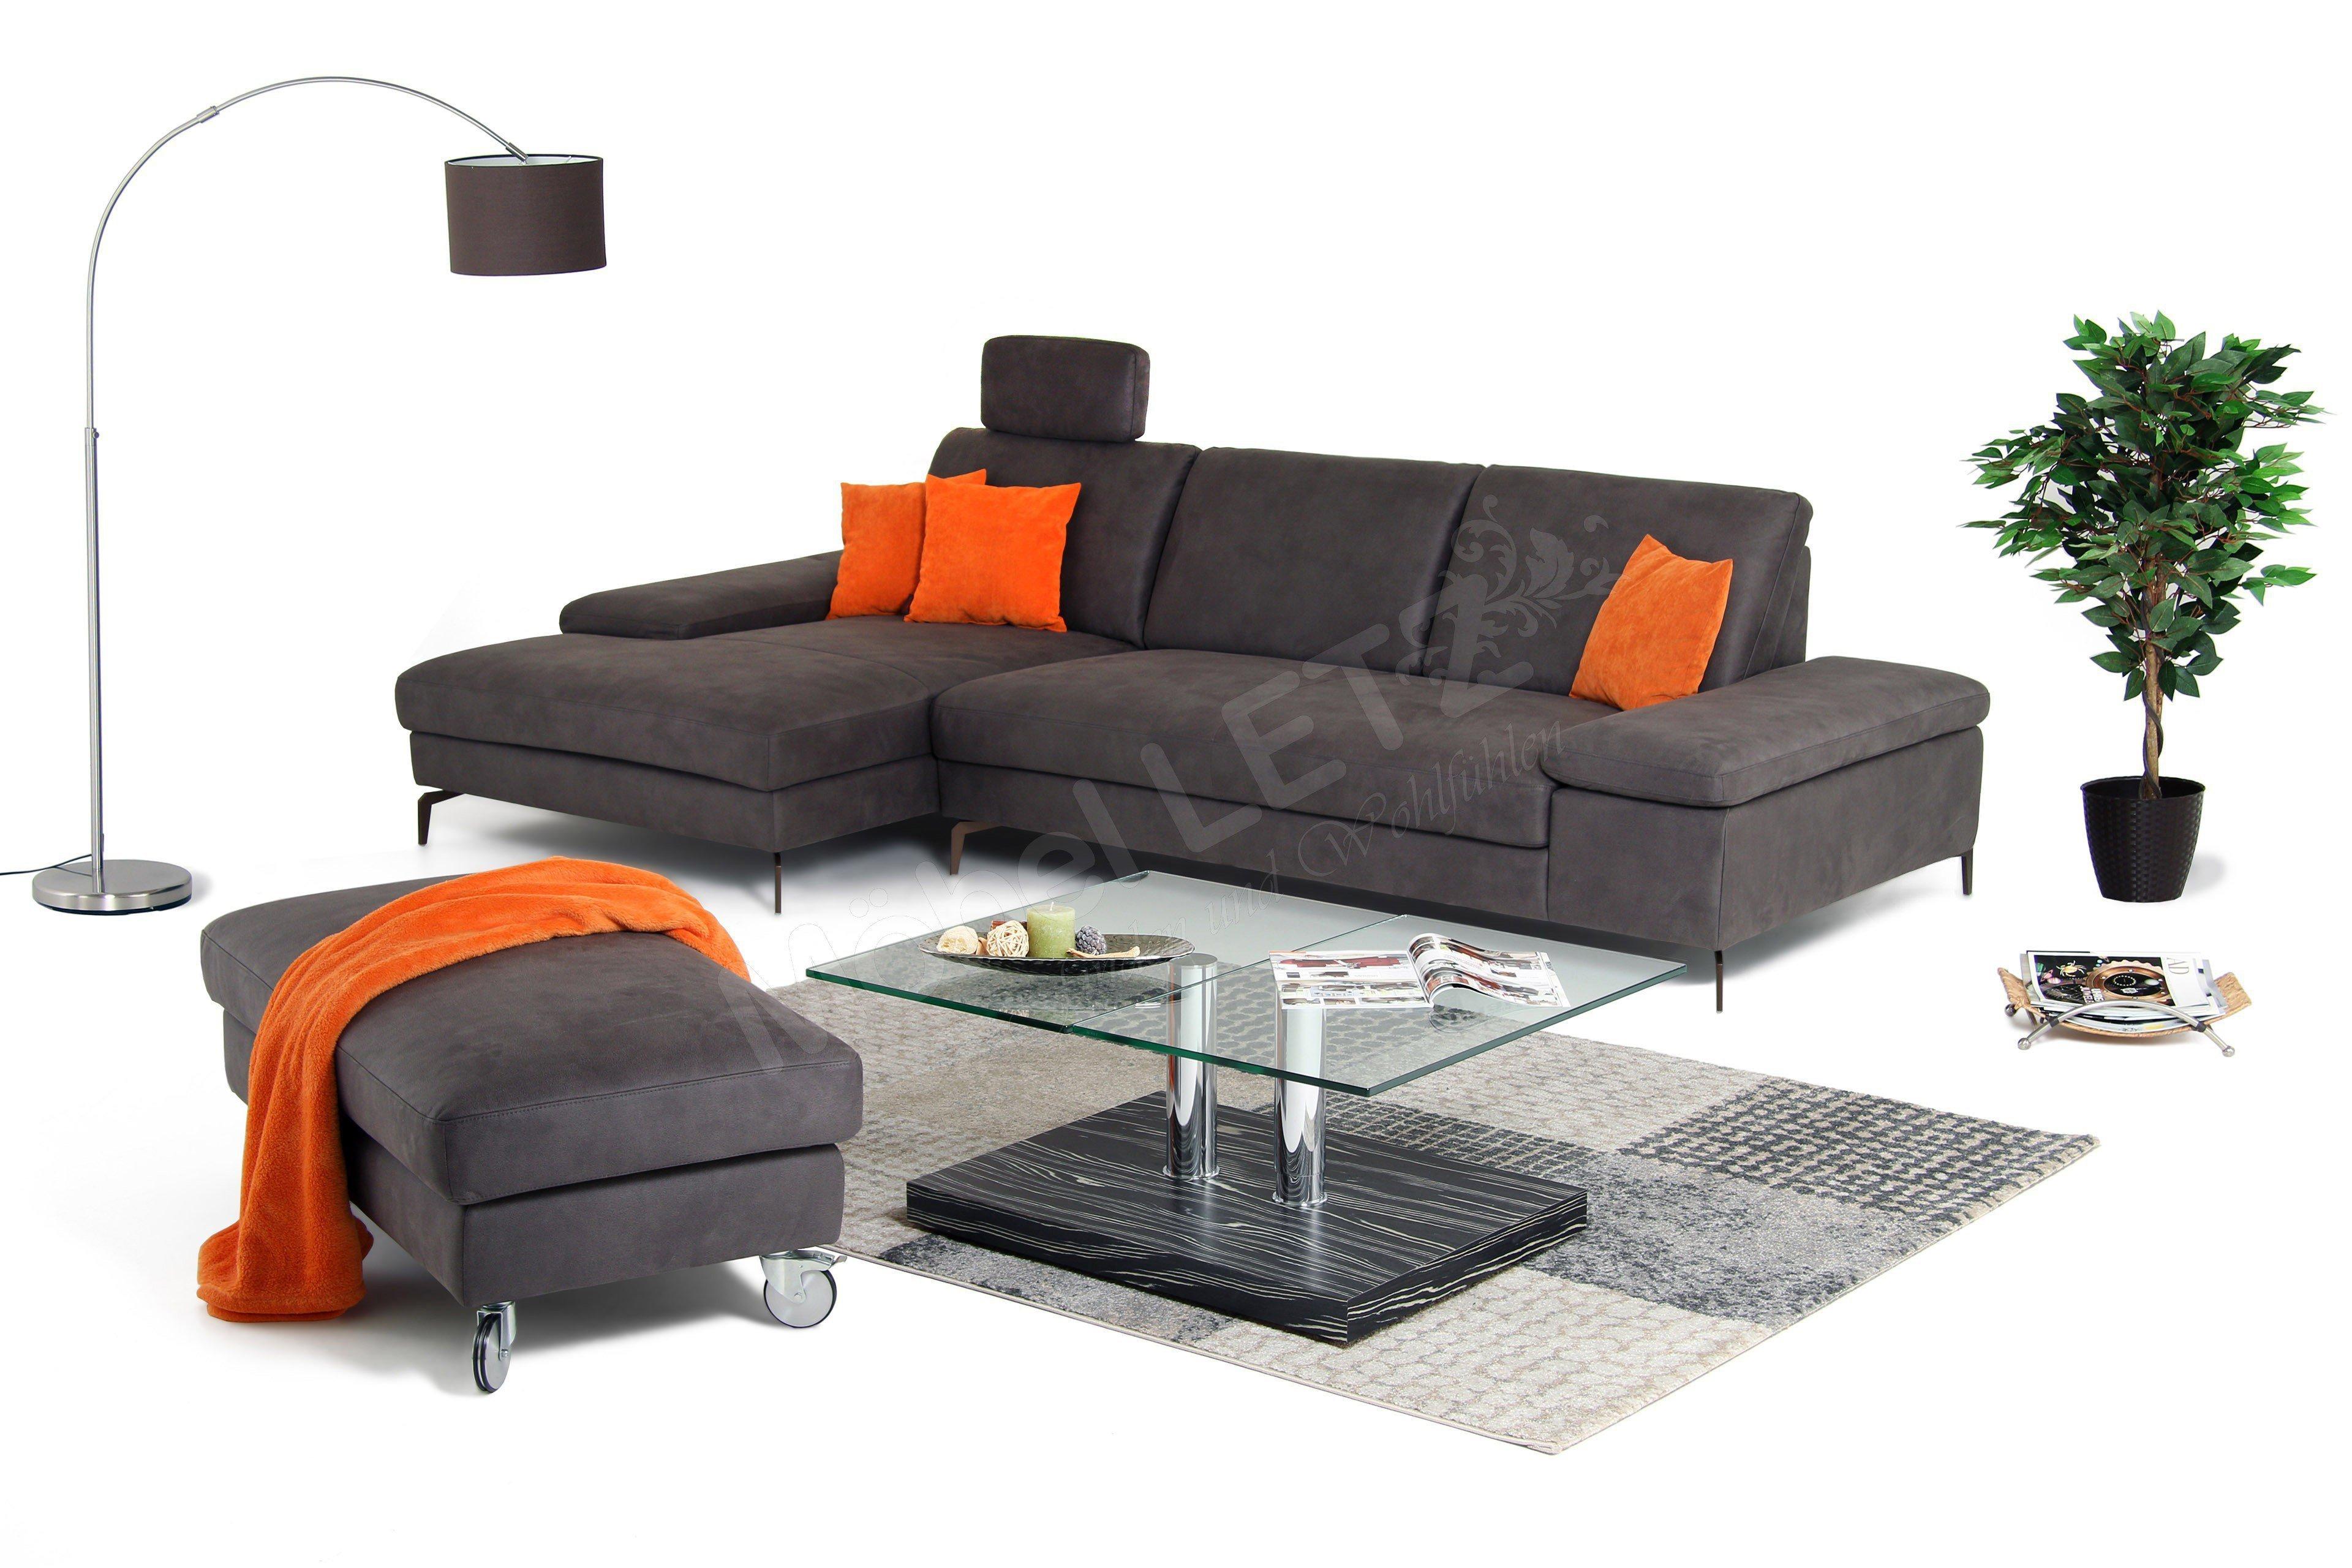 willi schillig 15867 ecksofa in braun m bel letz ihr online shop. Black Bedroom Furniture Sets. Home Design Ideas